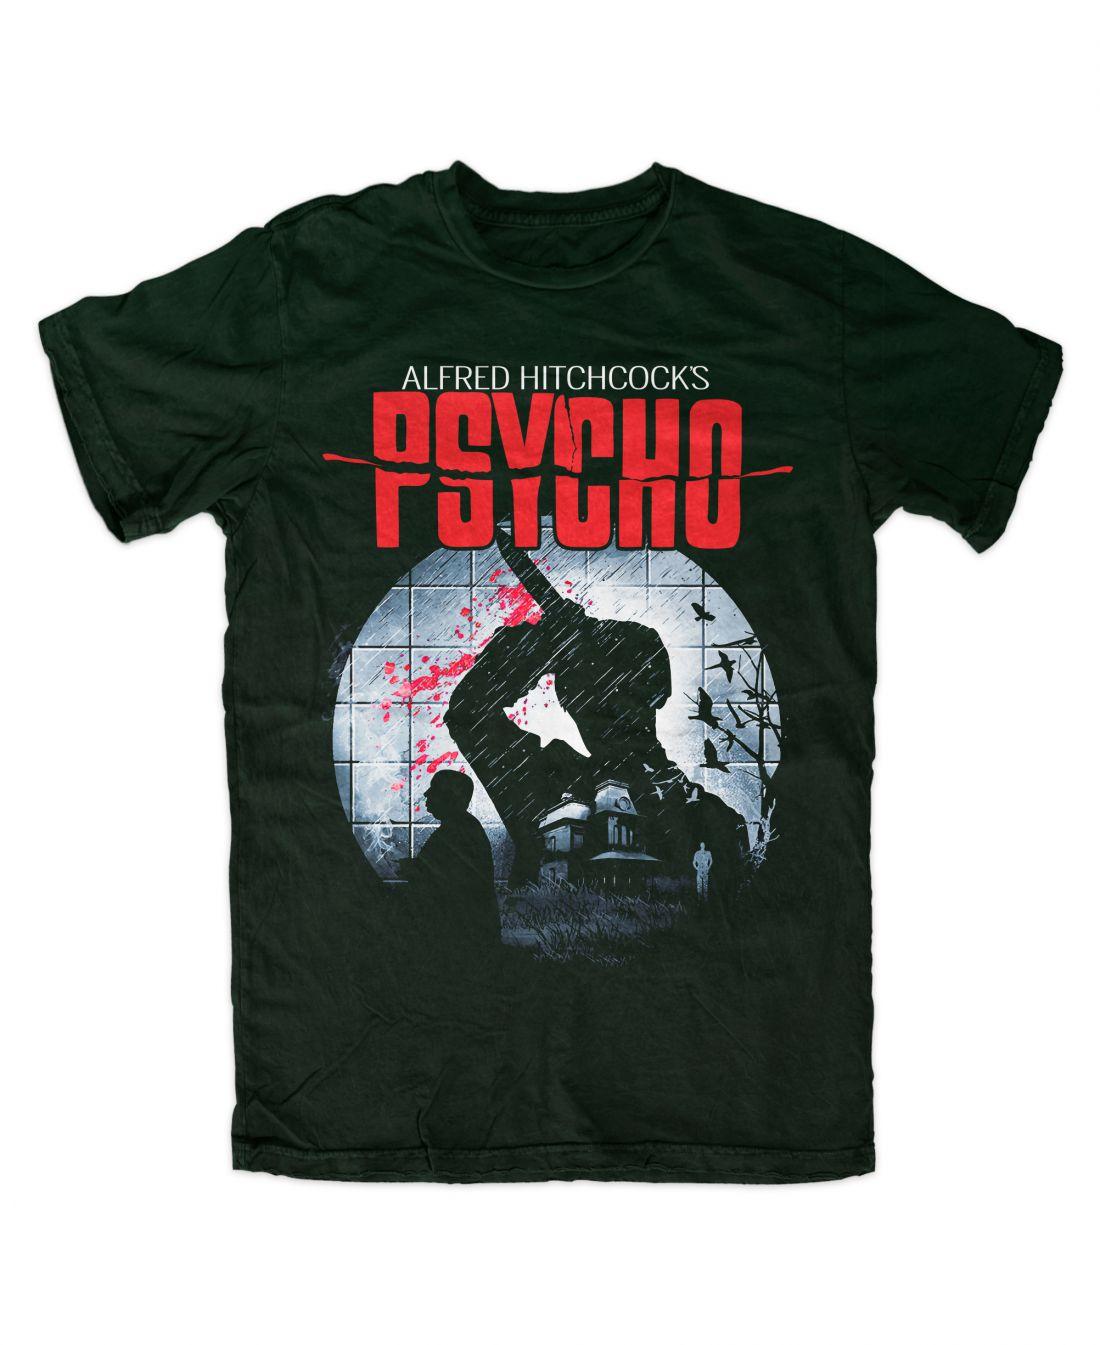 Psycho 001 (forest green póló)